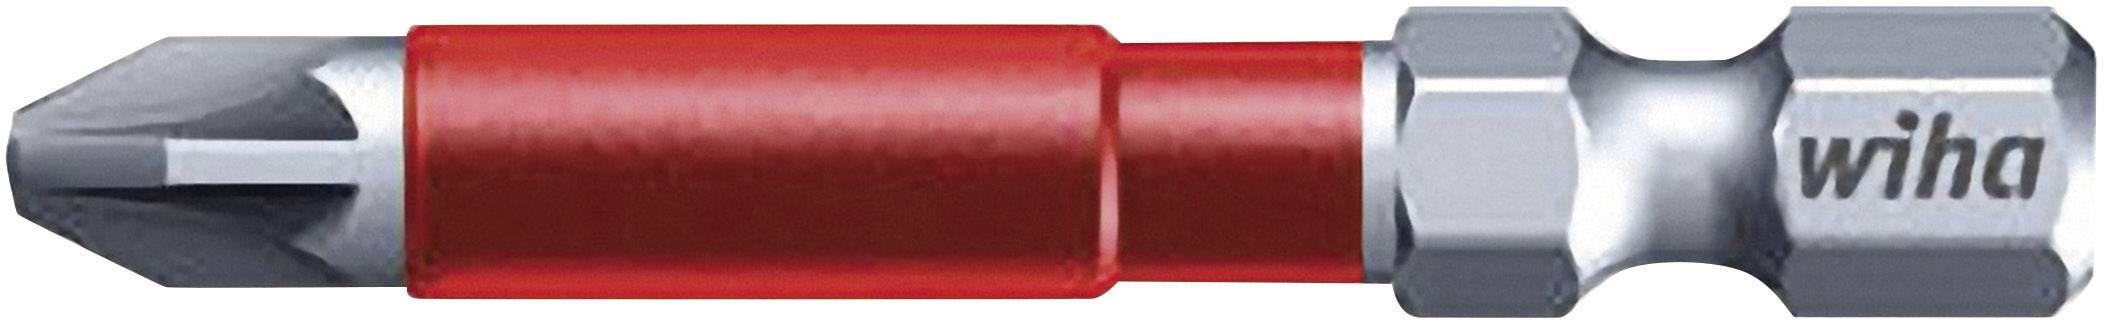 Krížový bit Wiha MaxxTor 7042 M9T 36831, 49 mm, nástrojová oceľ, legované, tvrdené, 5 ks